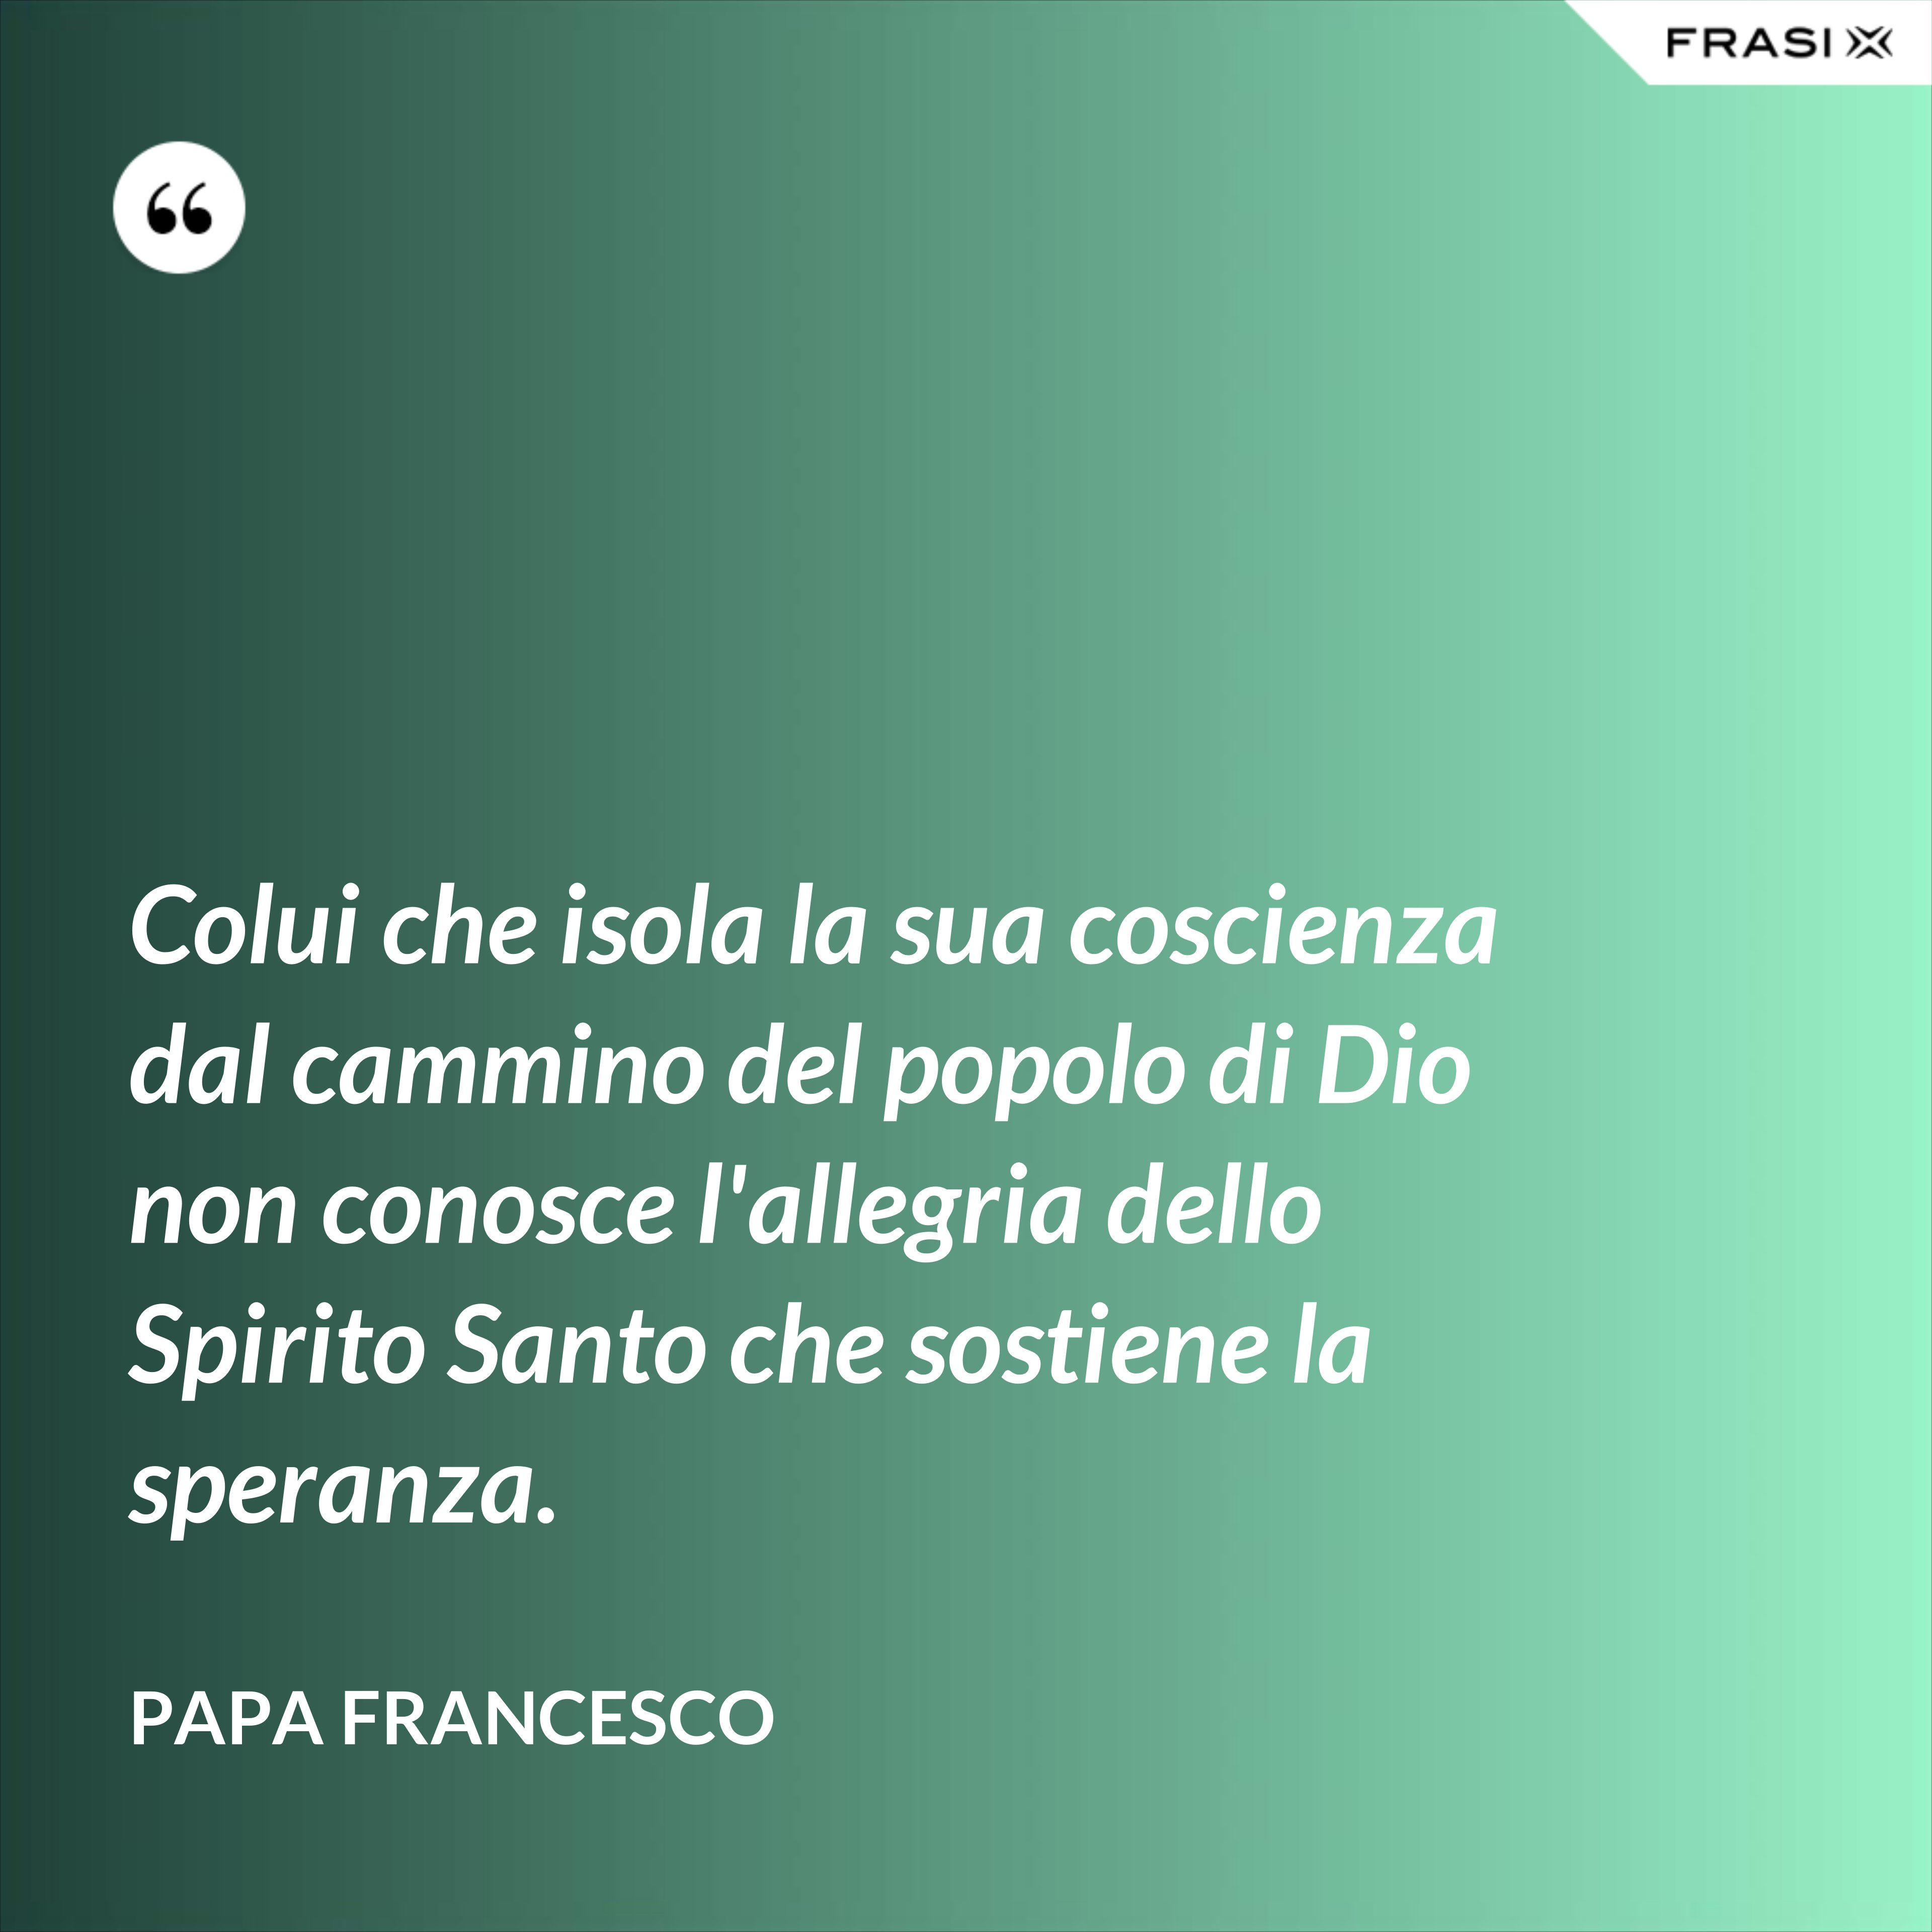 Colui che isola la sua coscienza dal cammino del popolo di Dio non conosce l'allegria dello Spirito Santo che sostiene la speranza. - Papa Francesco